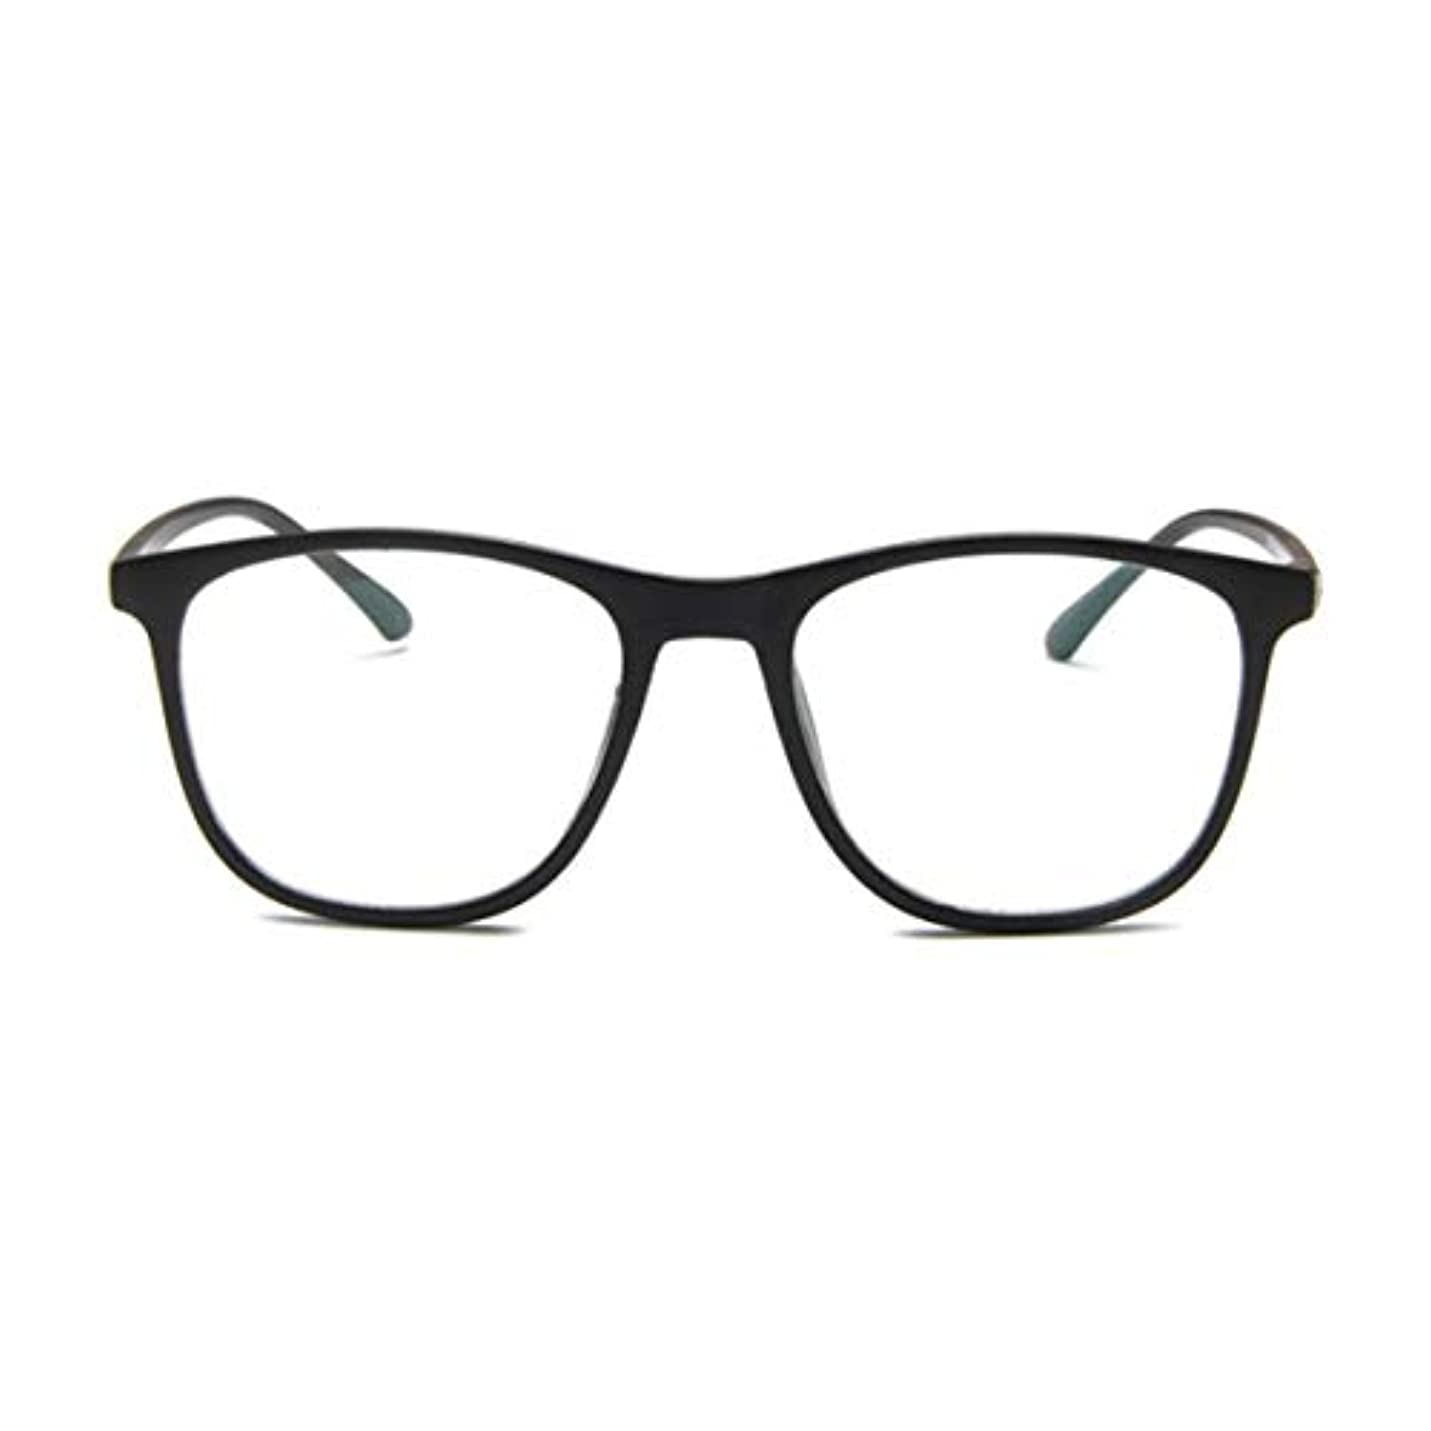 ポスト印象派町眠いです韓国の学生のプレーンメガネ男性と女性のファッションメガネフレーム近視メガネフレームファッショナブルなシンプルなメガネ-マットブラック-